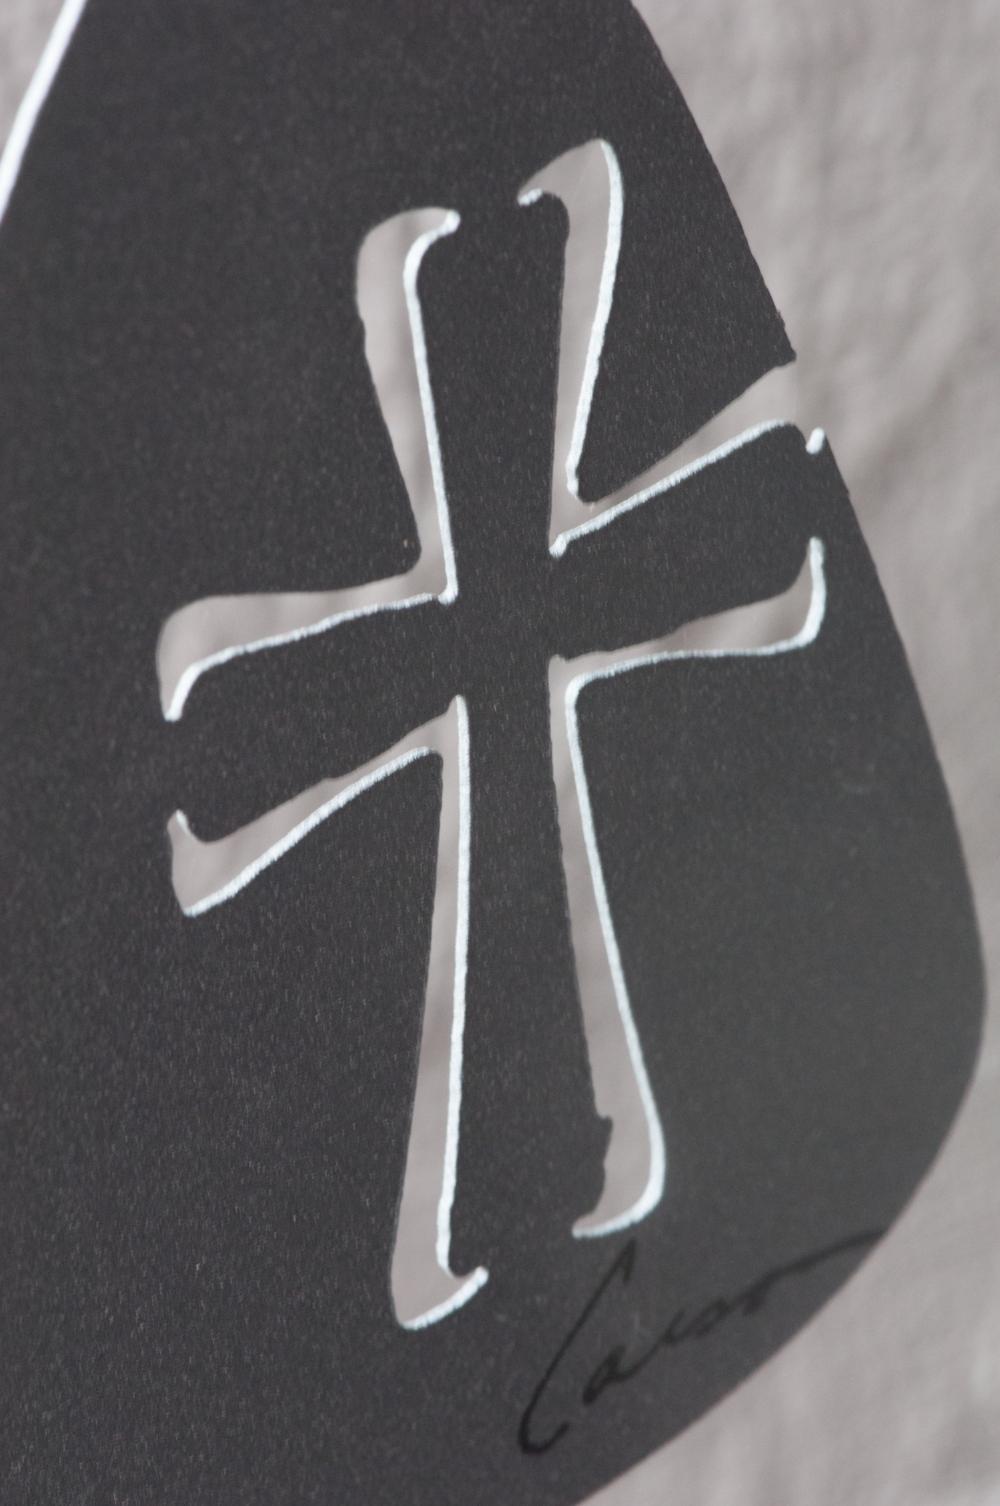 journal-keeping-cross